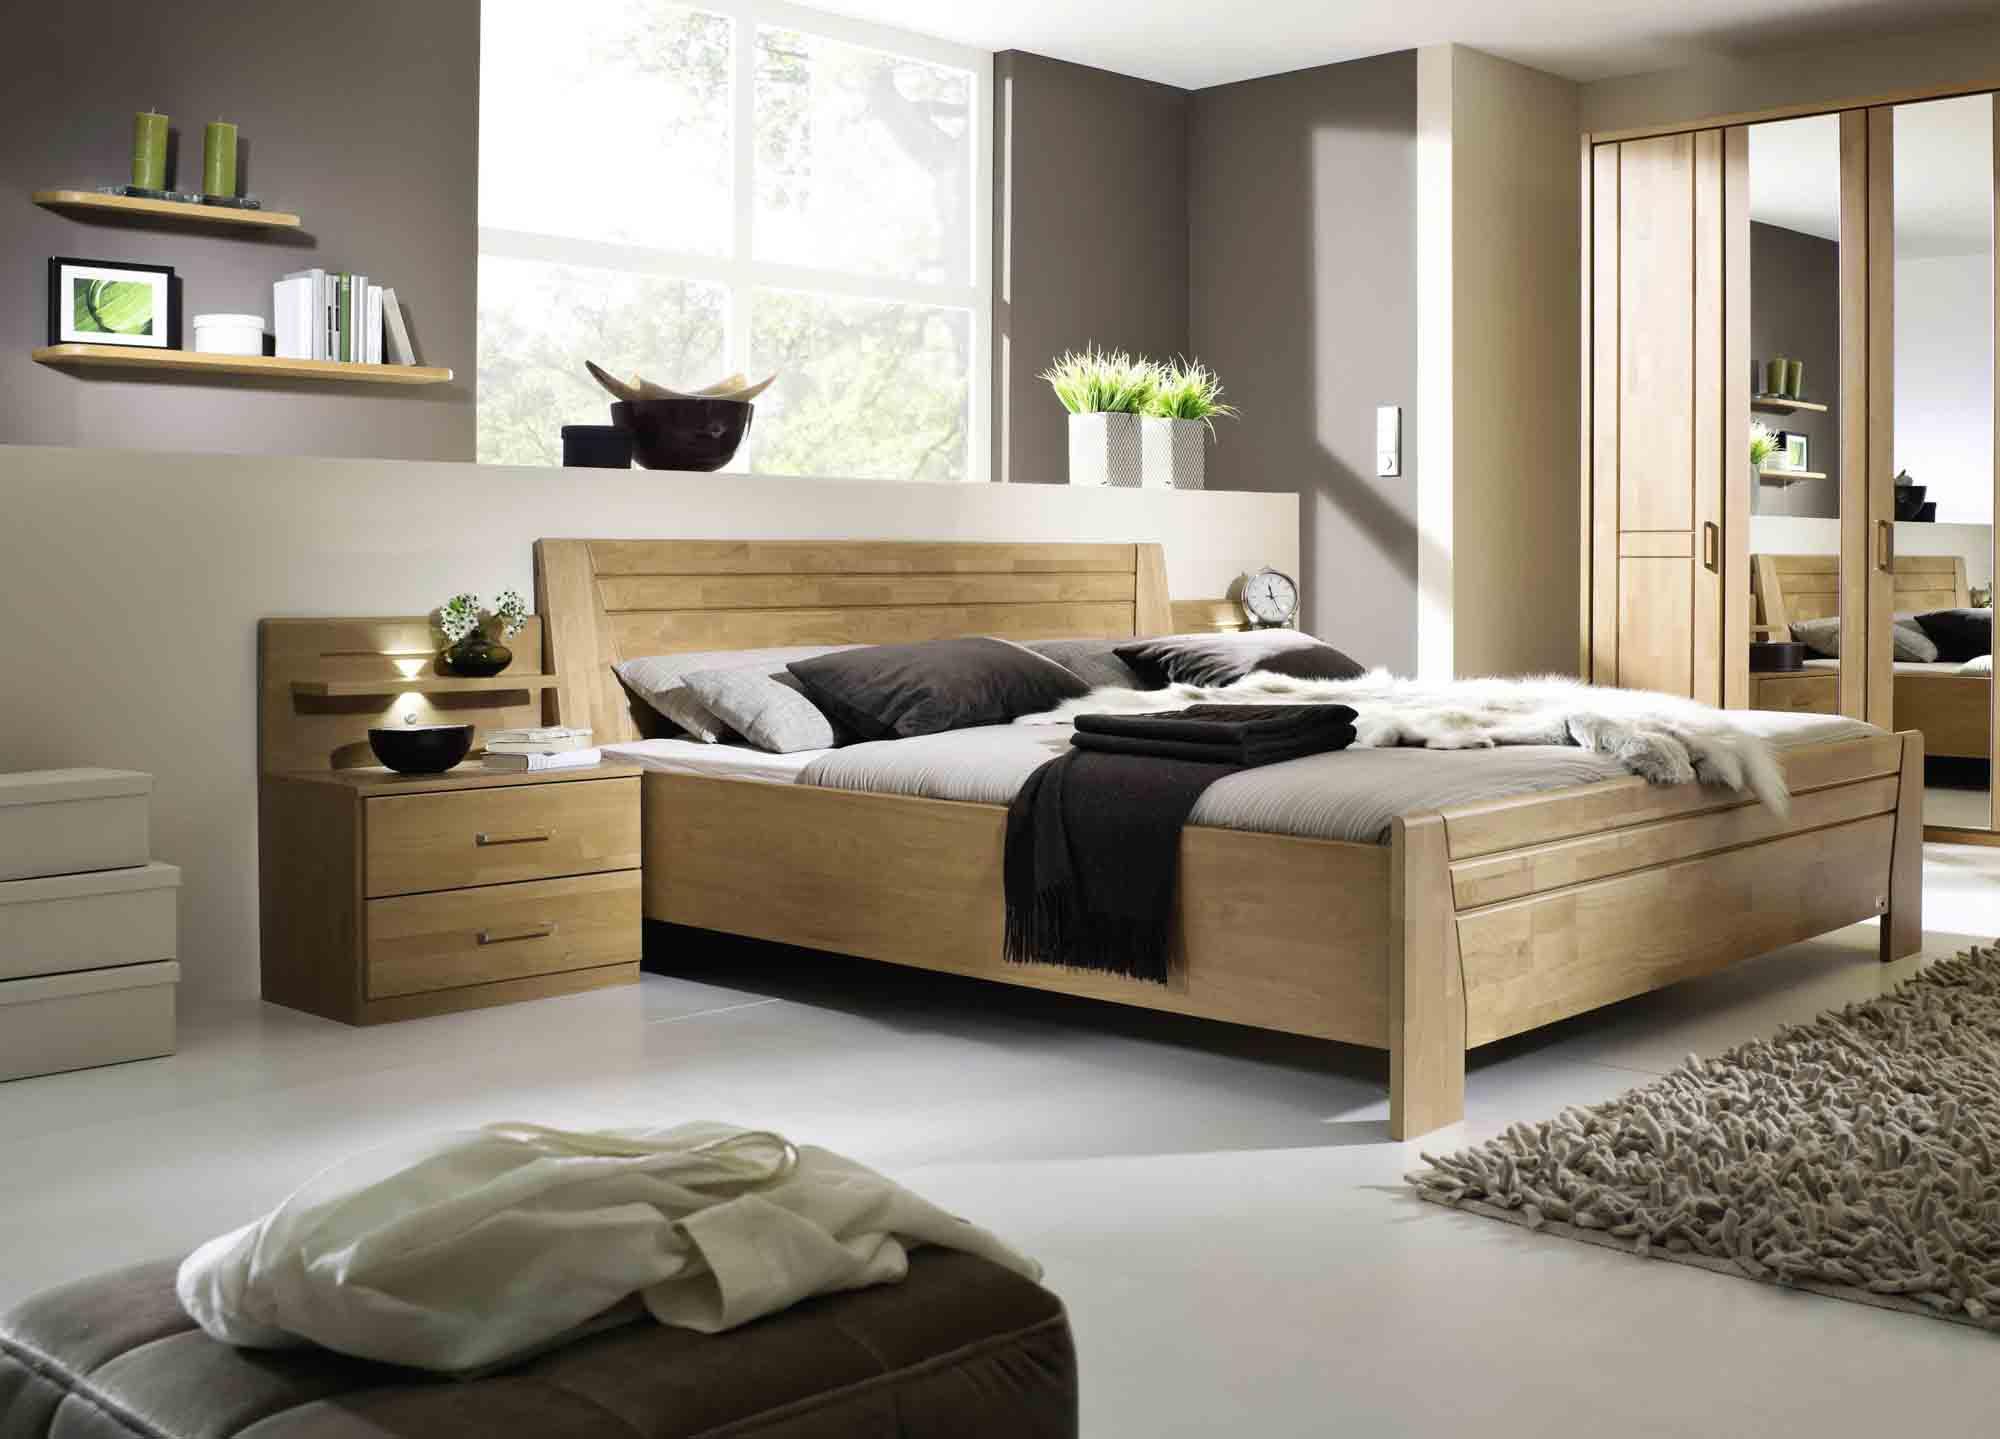 erle betten versandkostenfrei und g nstig online kaufen. Black Bedroom Furniture Sets. Home Design Ideas